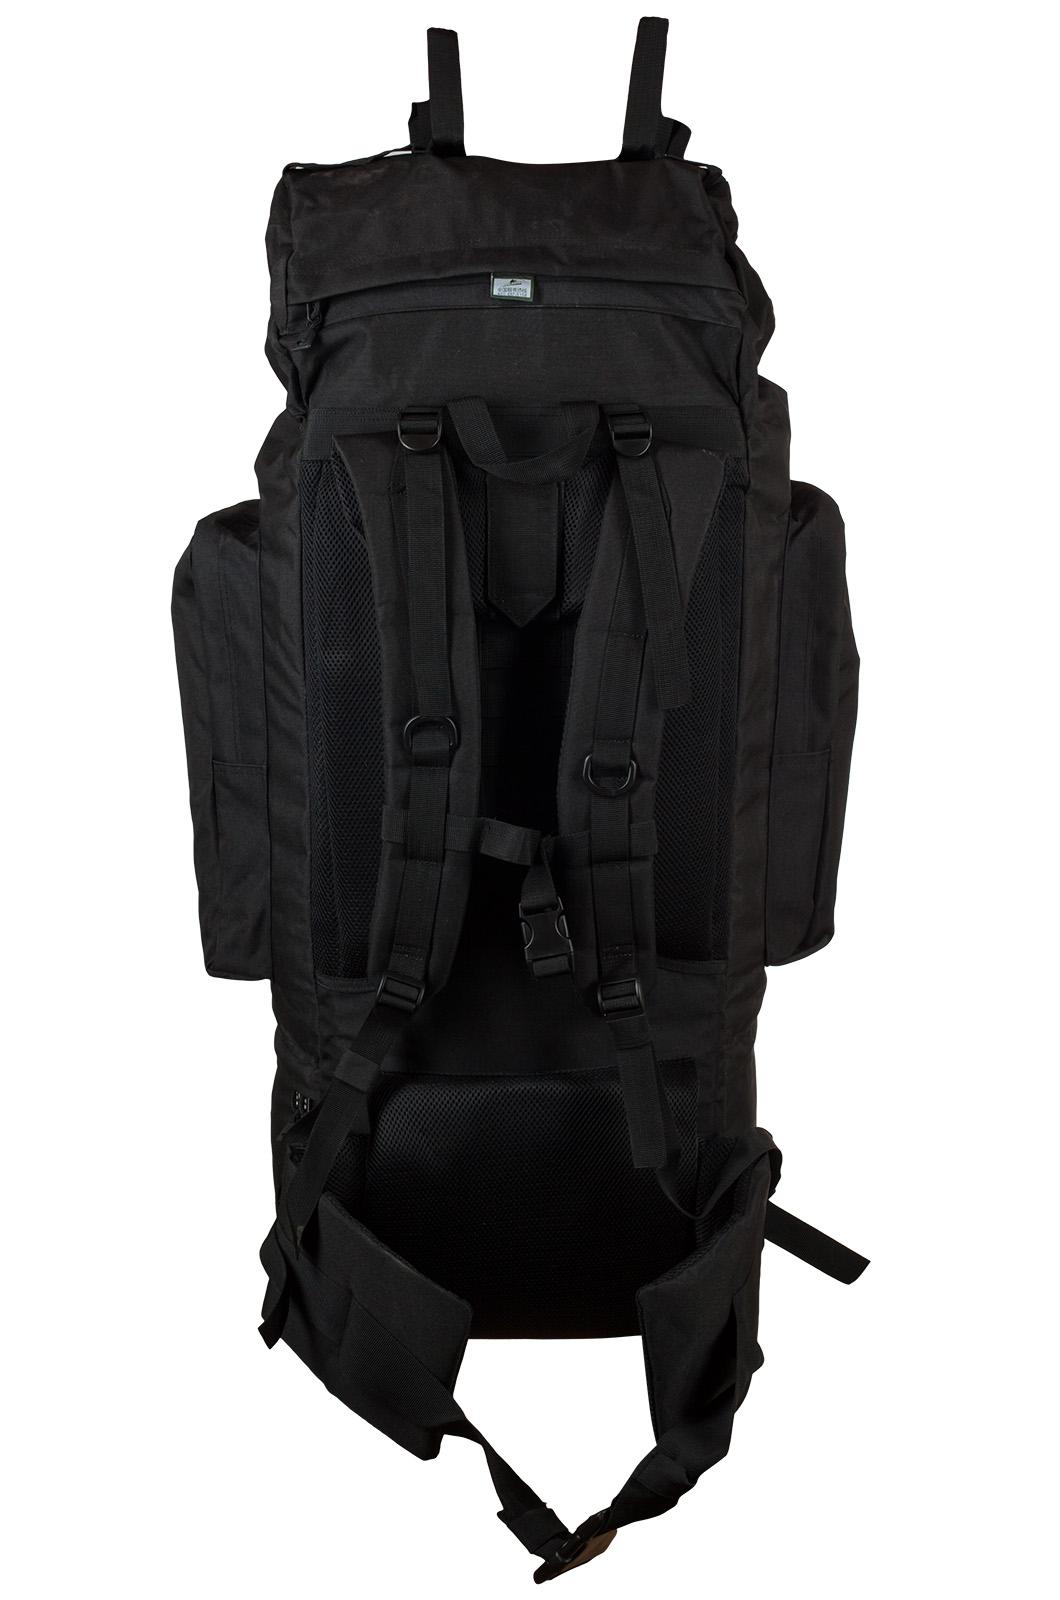 Большой охотничий рюкзак с нашивкой Ни Пуха ни Пера - купить в розницу